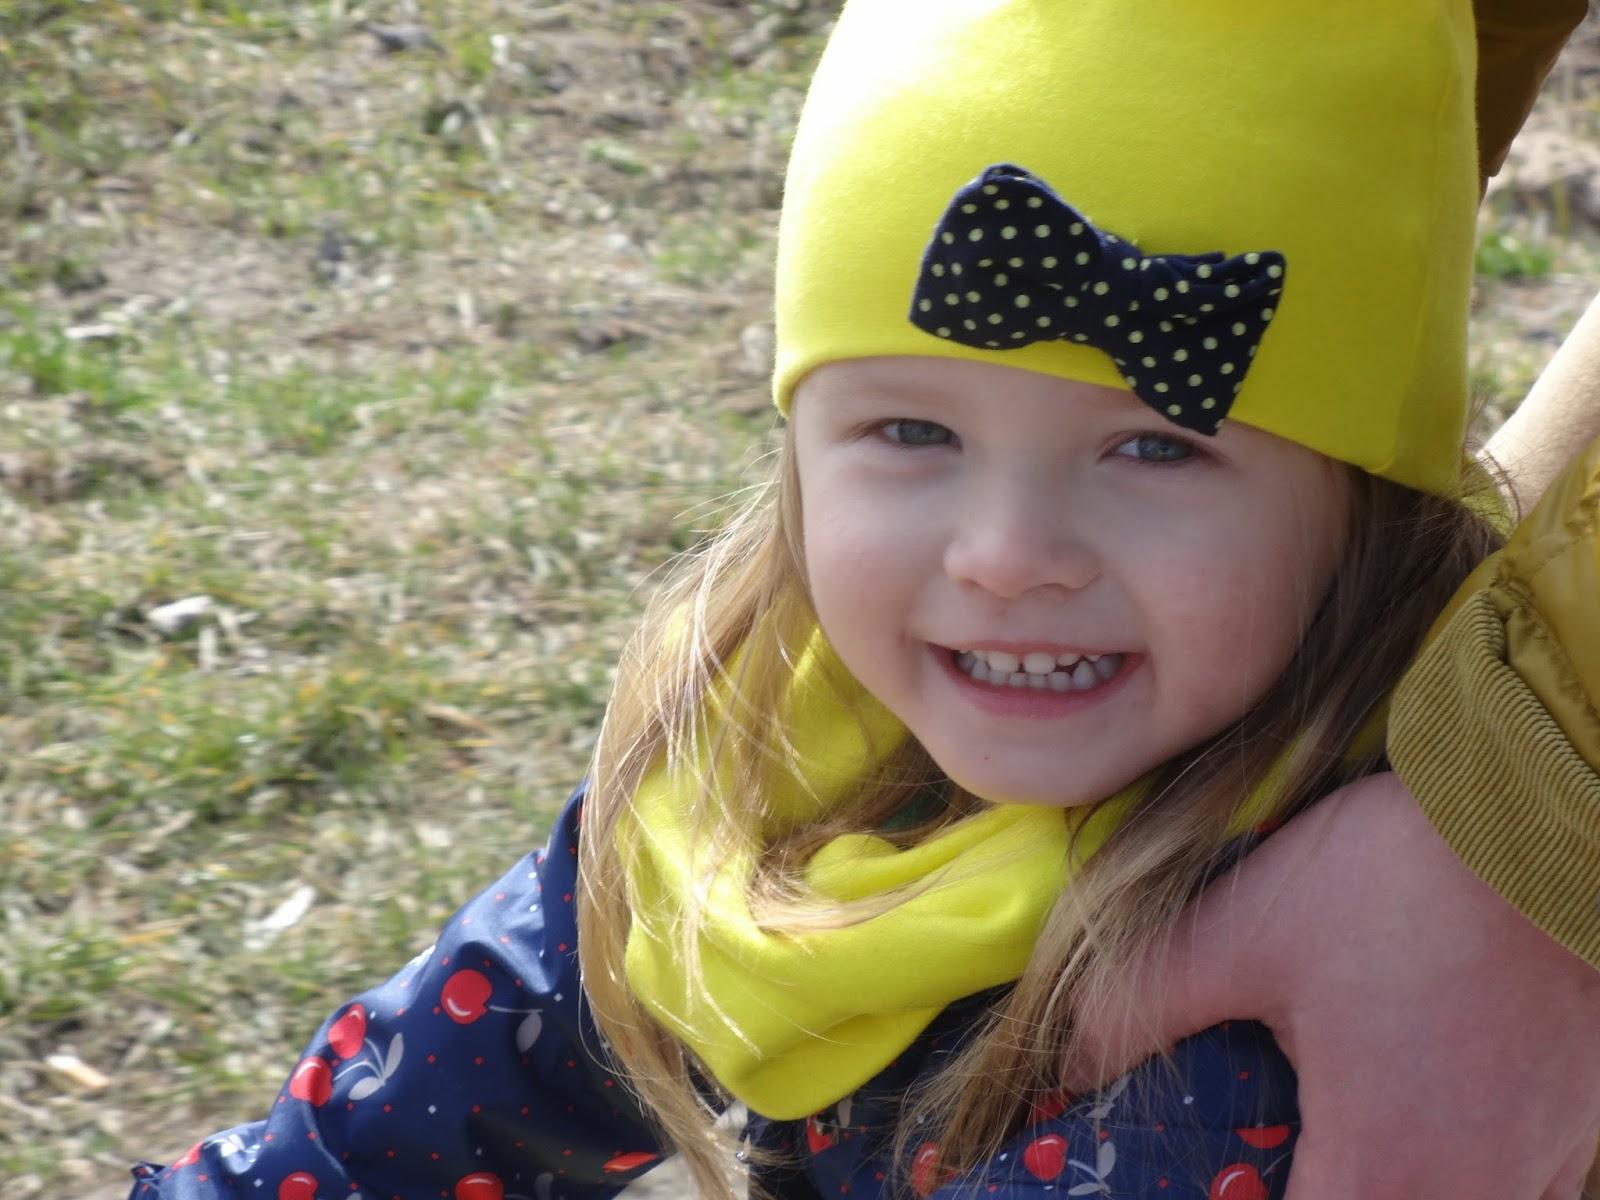 5 powodów, dla których warto mieć dziecko (w krzywym zwierciadle)